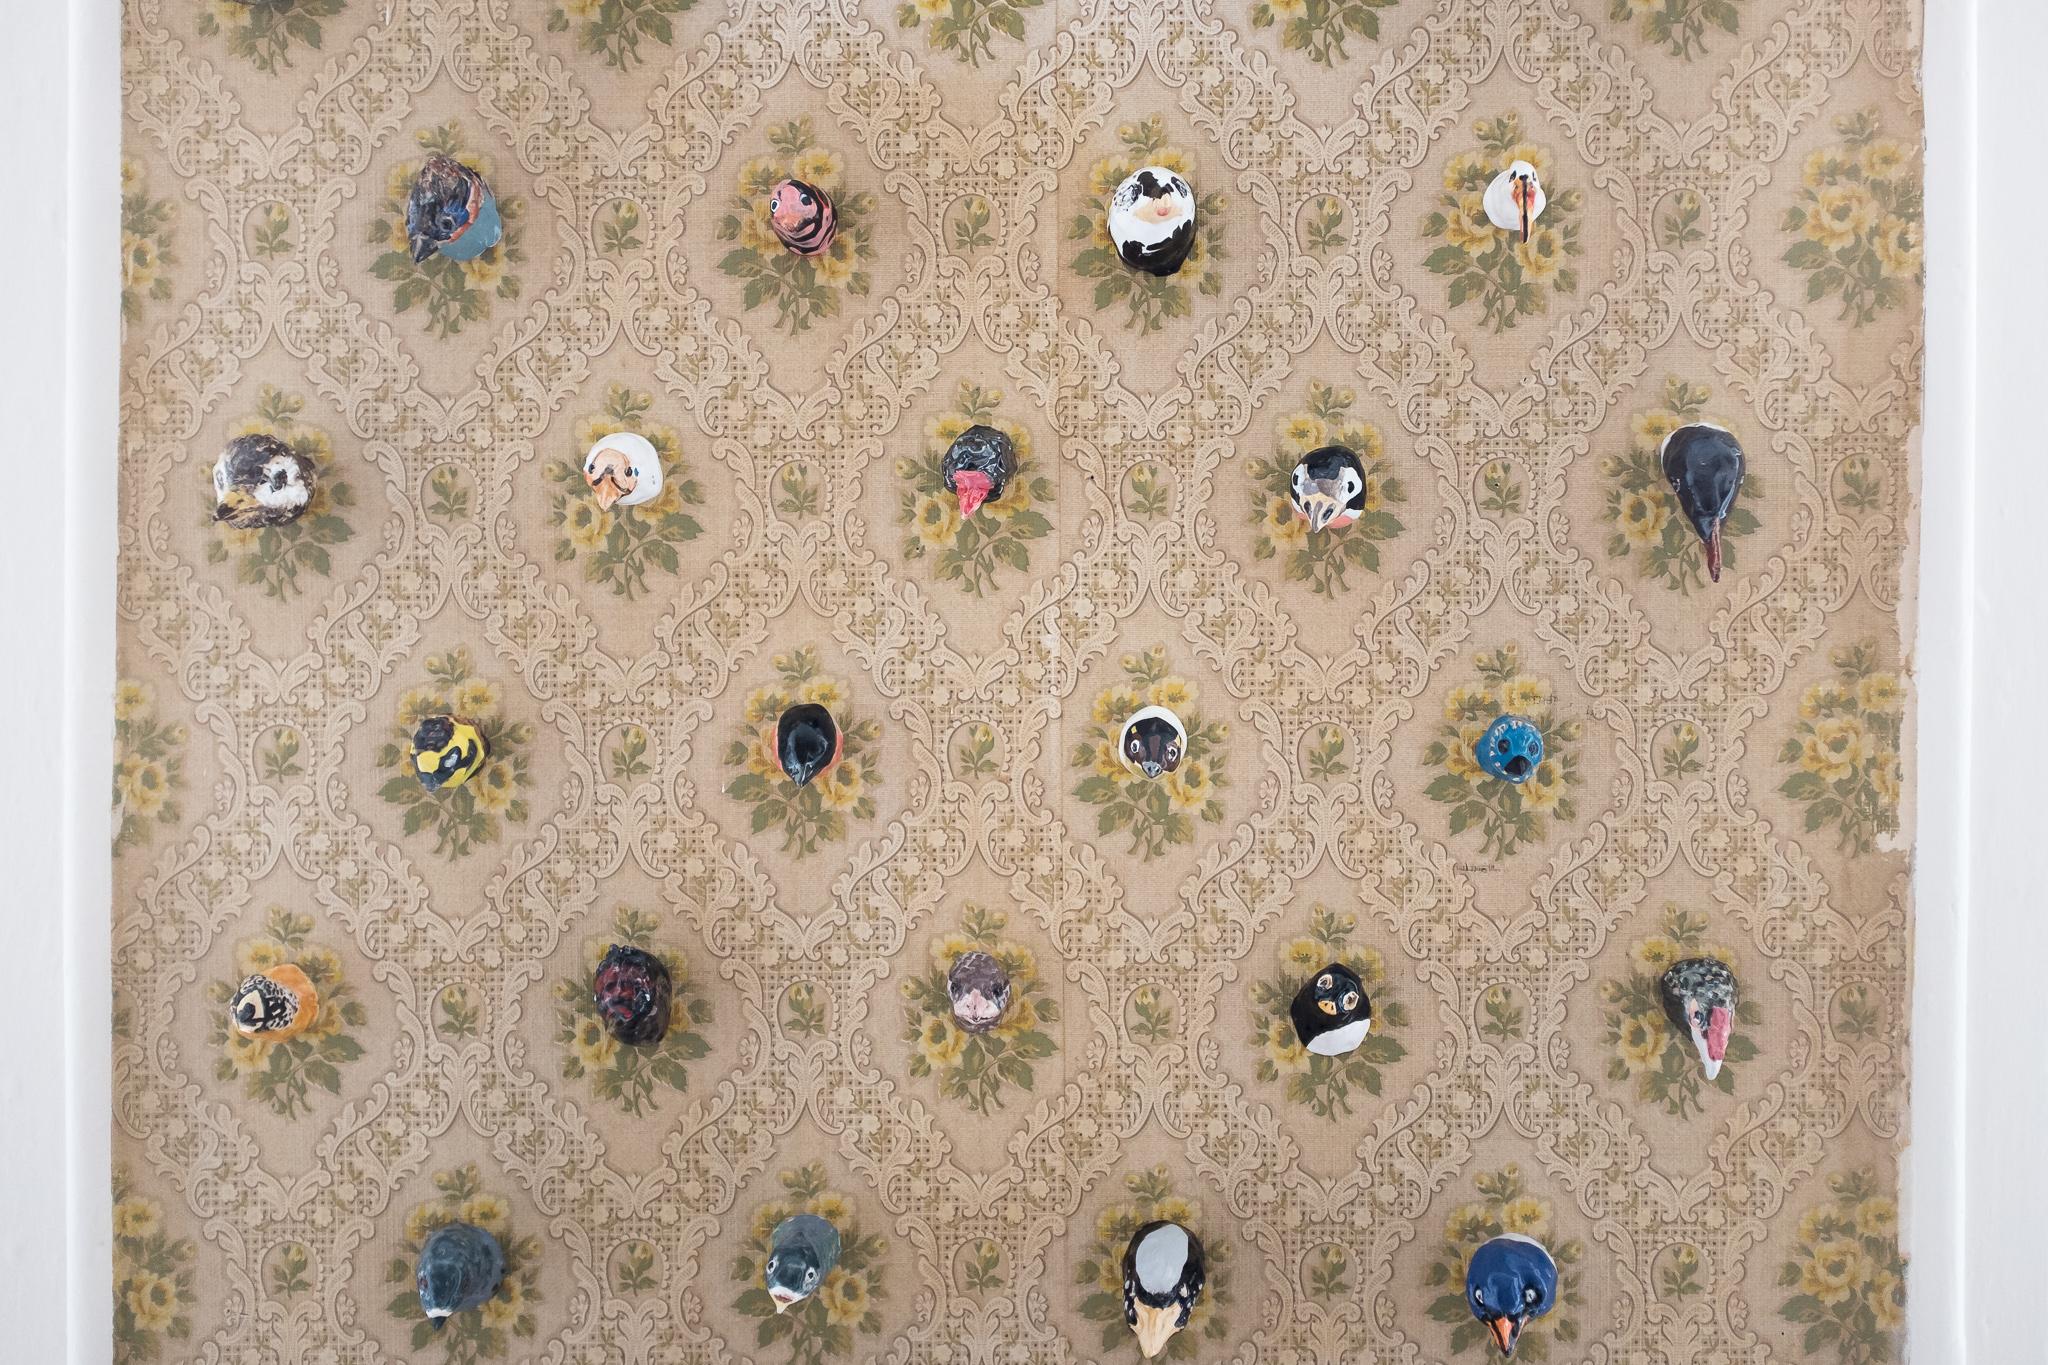 Têtes d'oiseaux, Elizabeth Lincot, céramique émaillée (2016-2017)